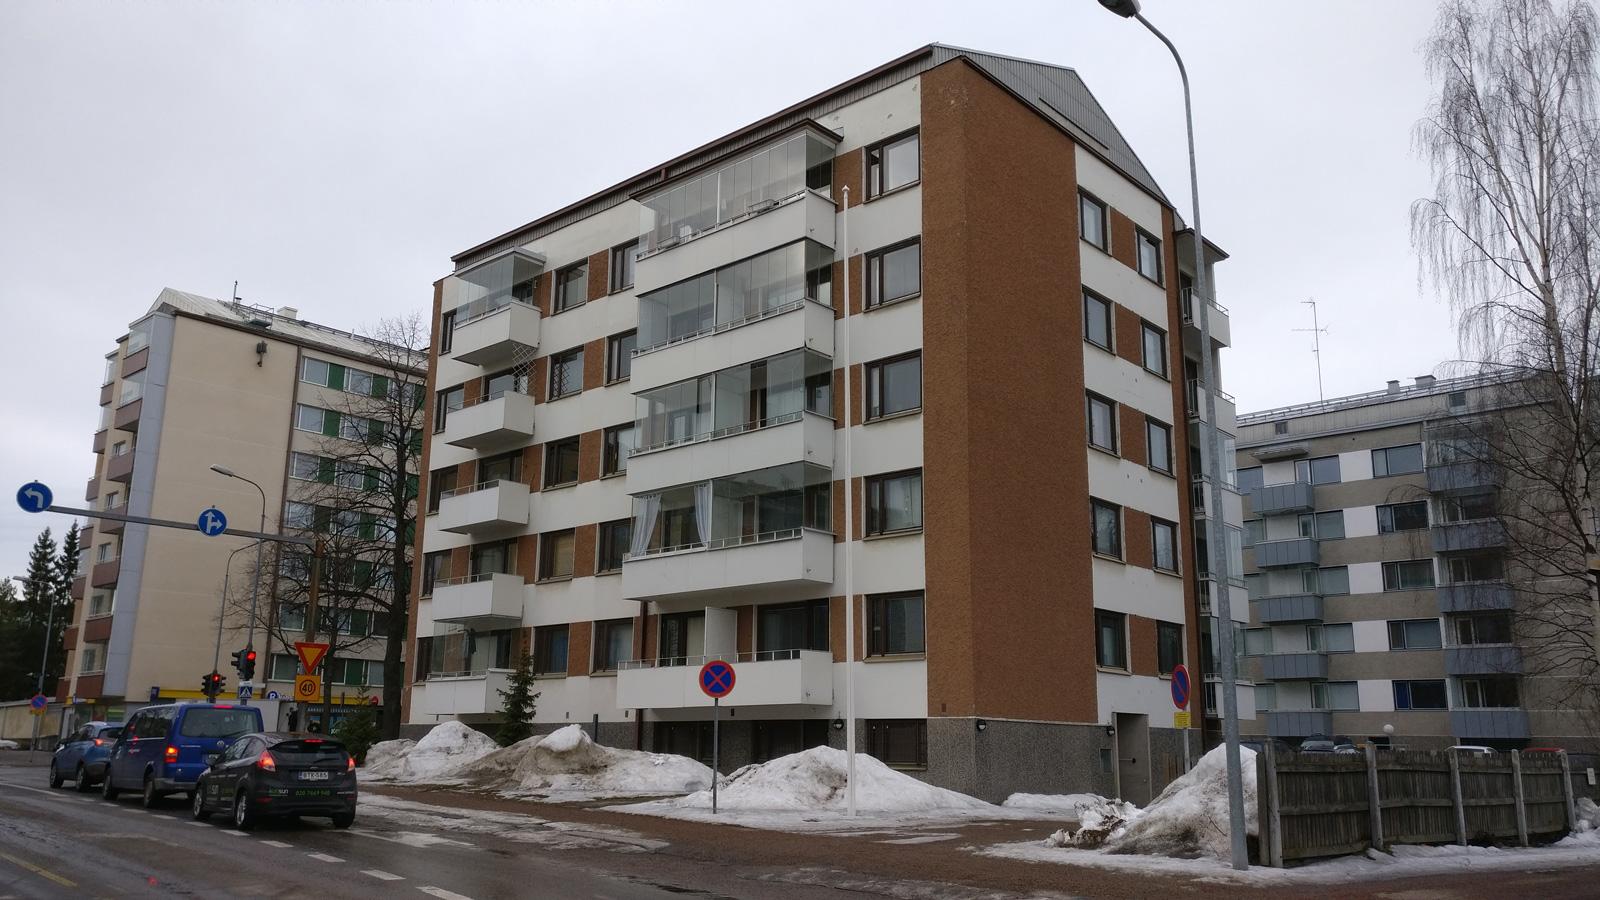 Puistokatu 14, Jyväskylä